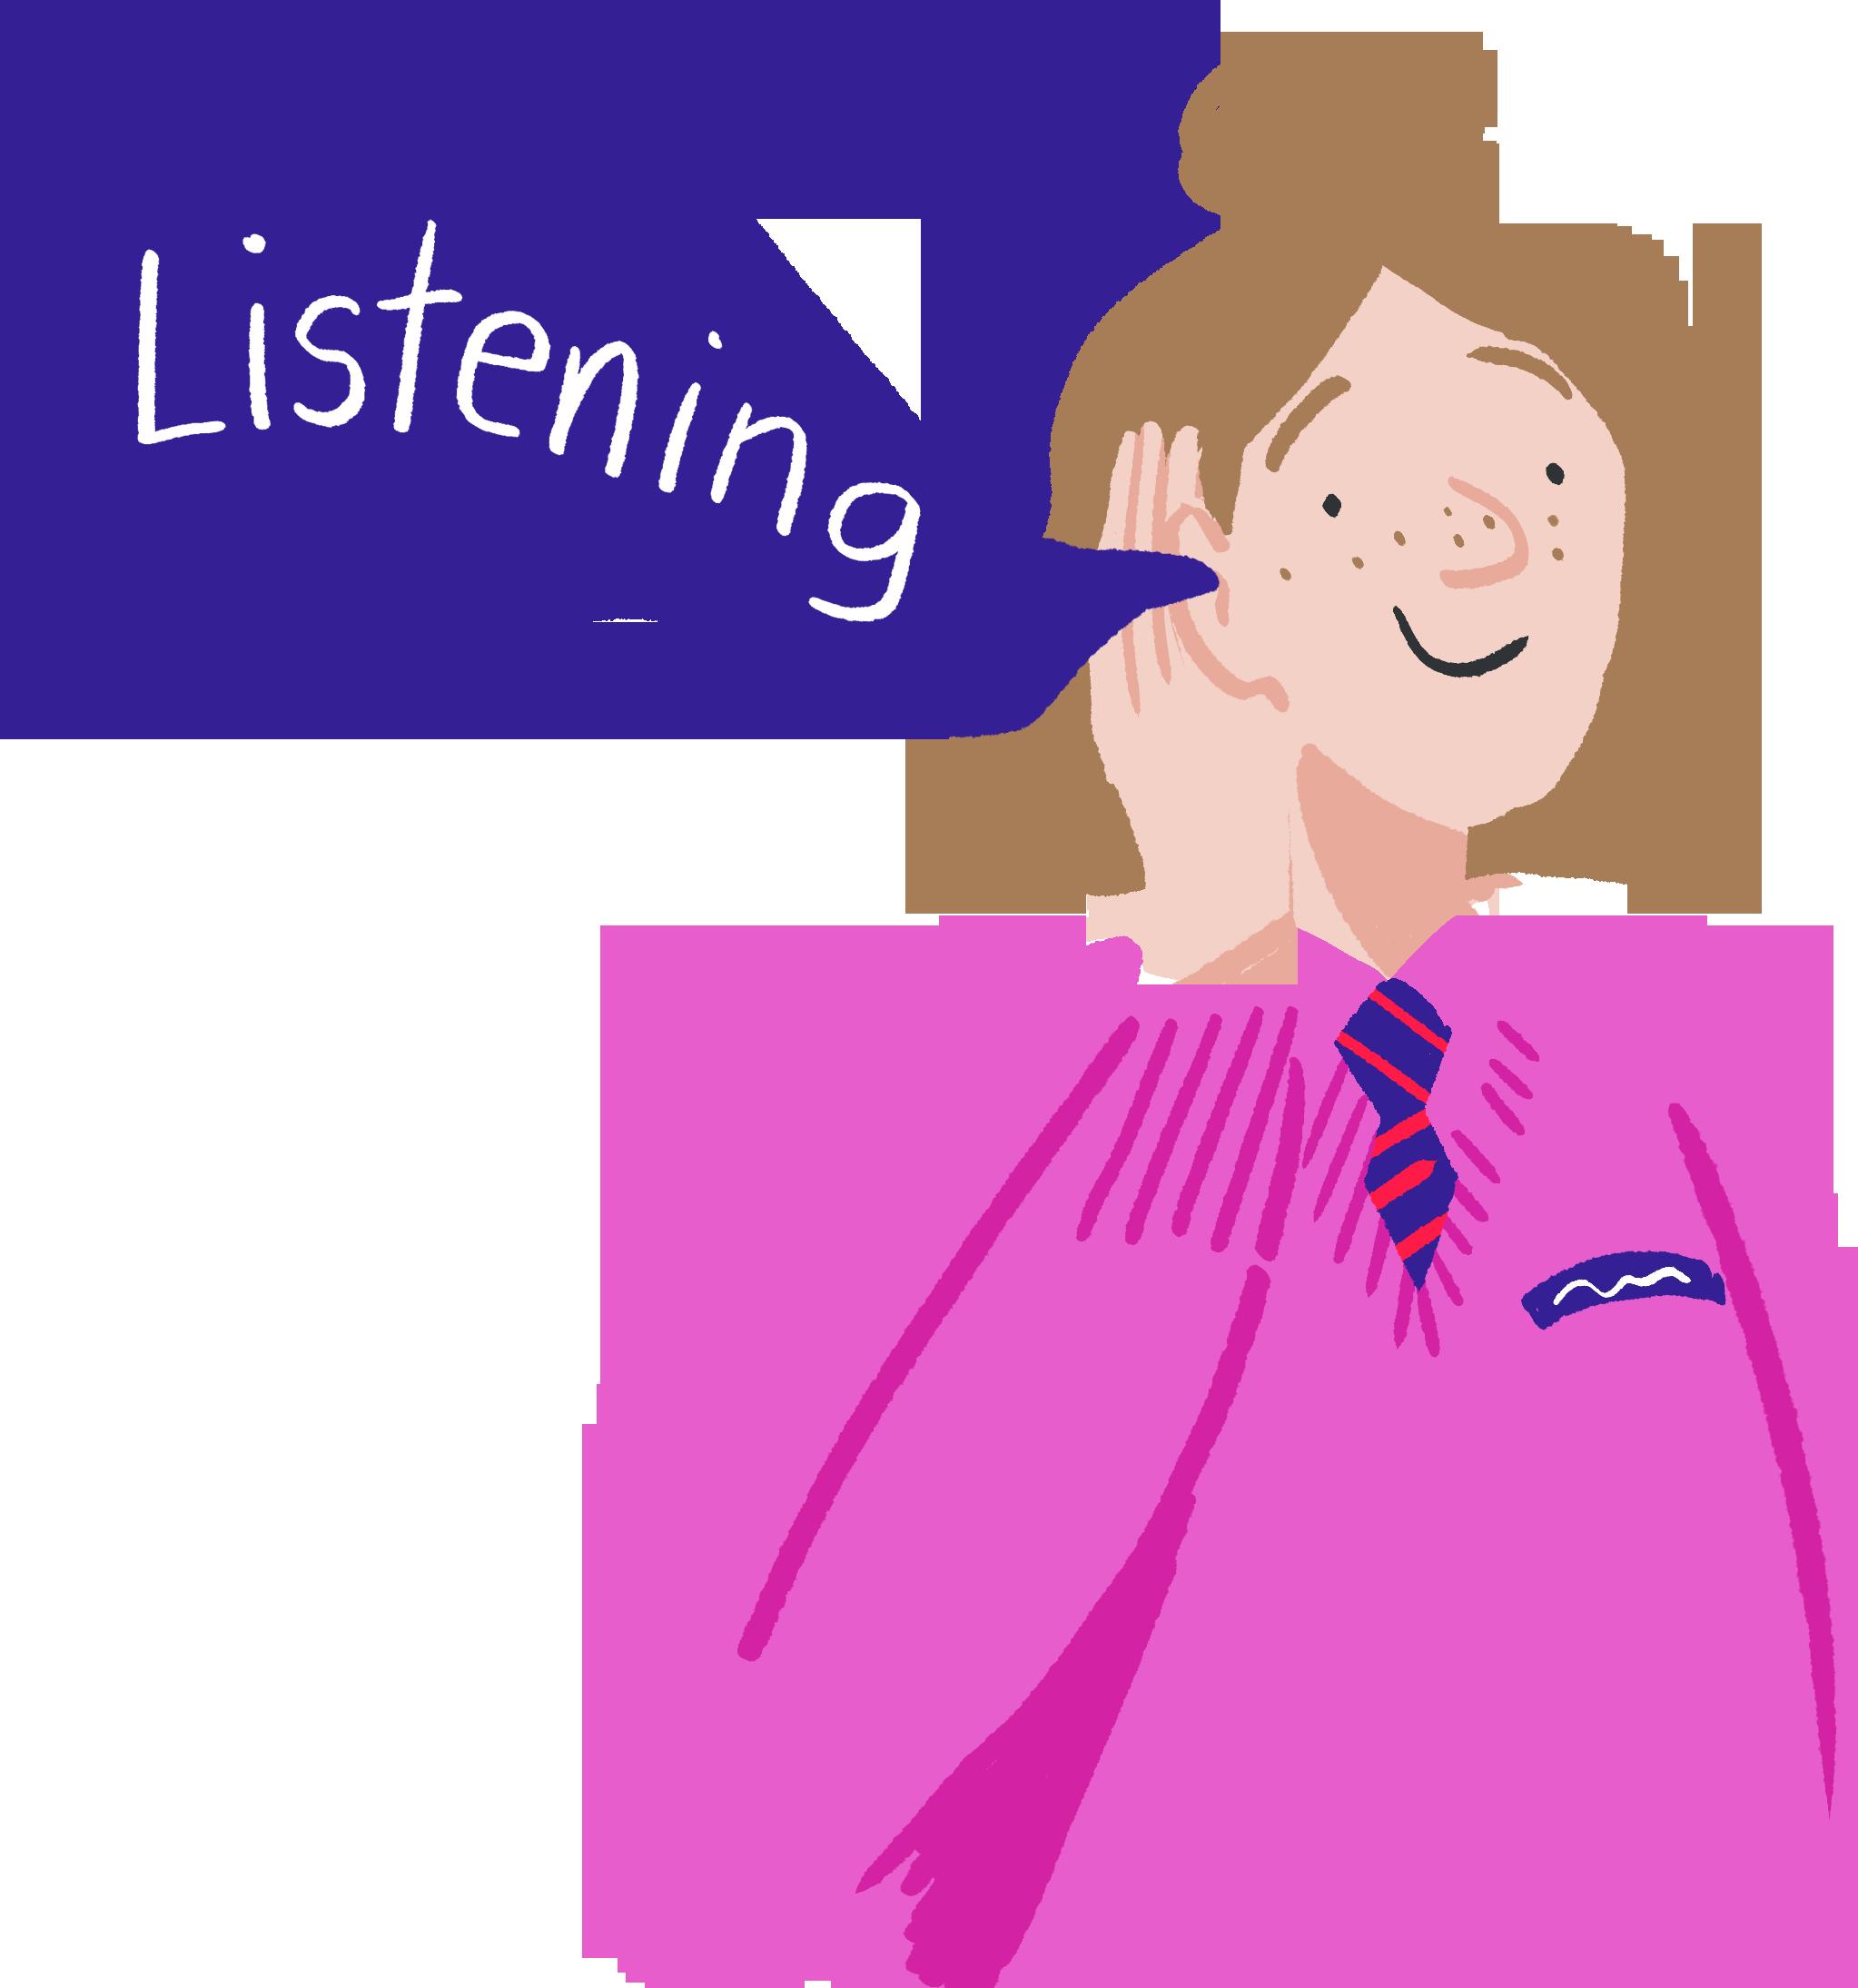 illustration-listening